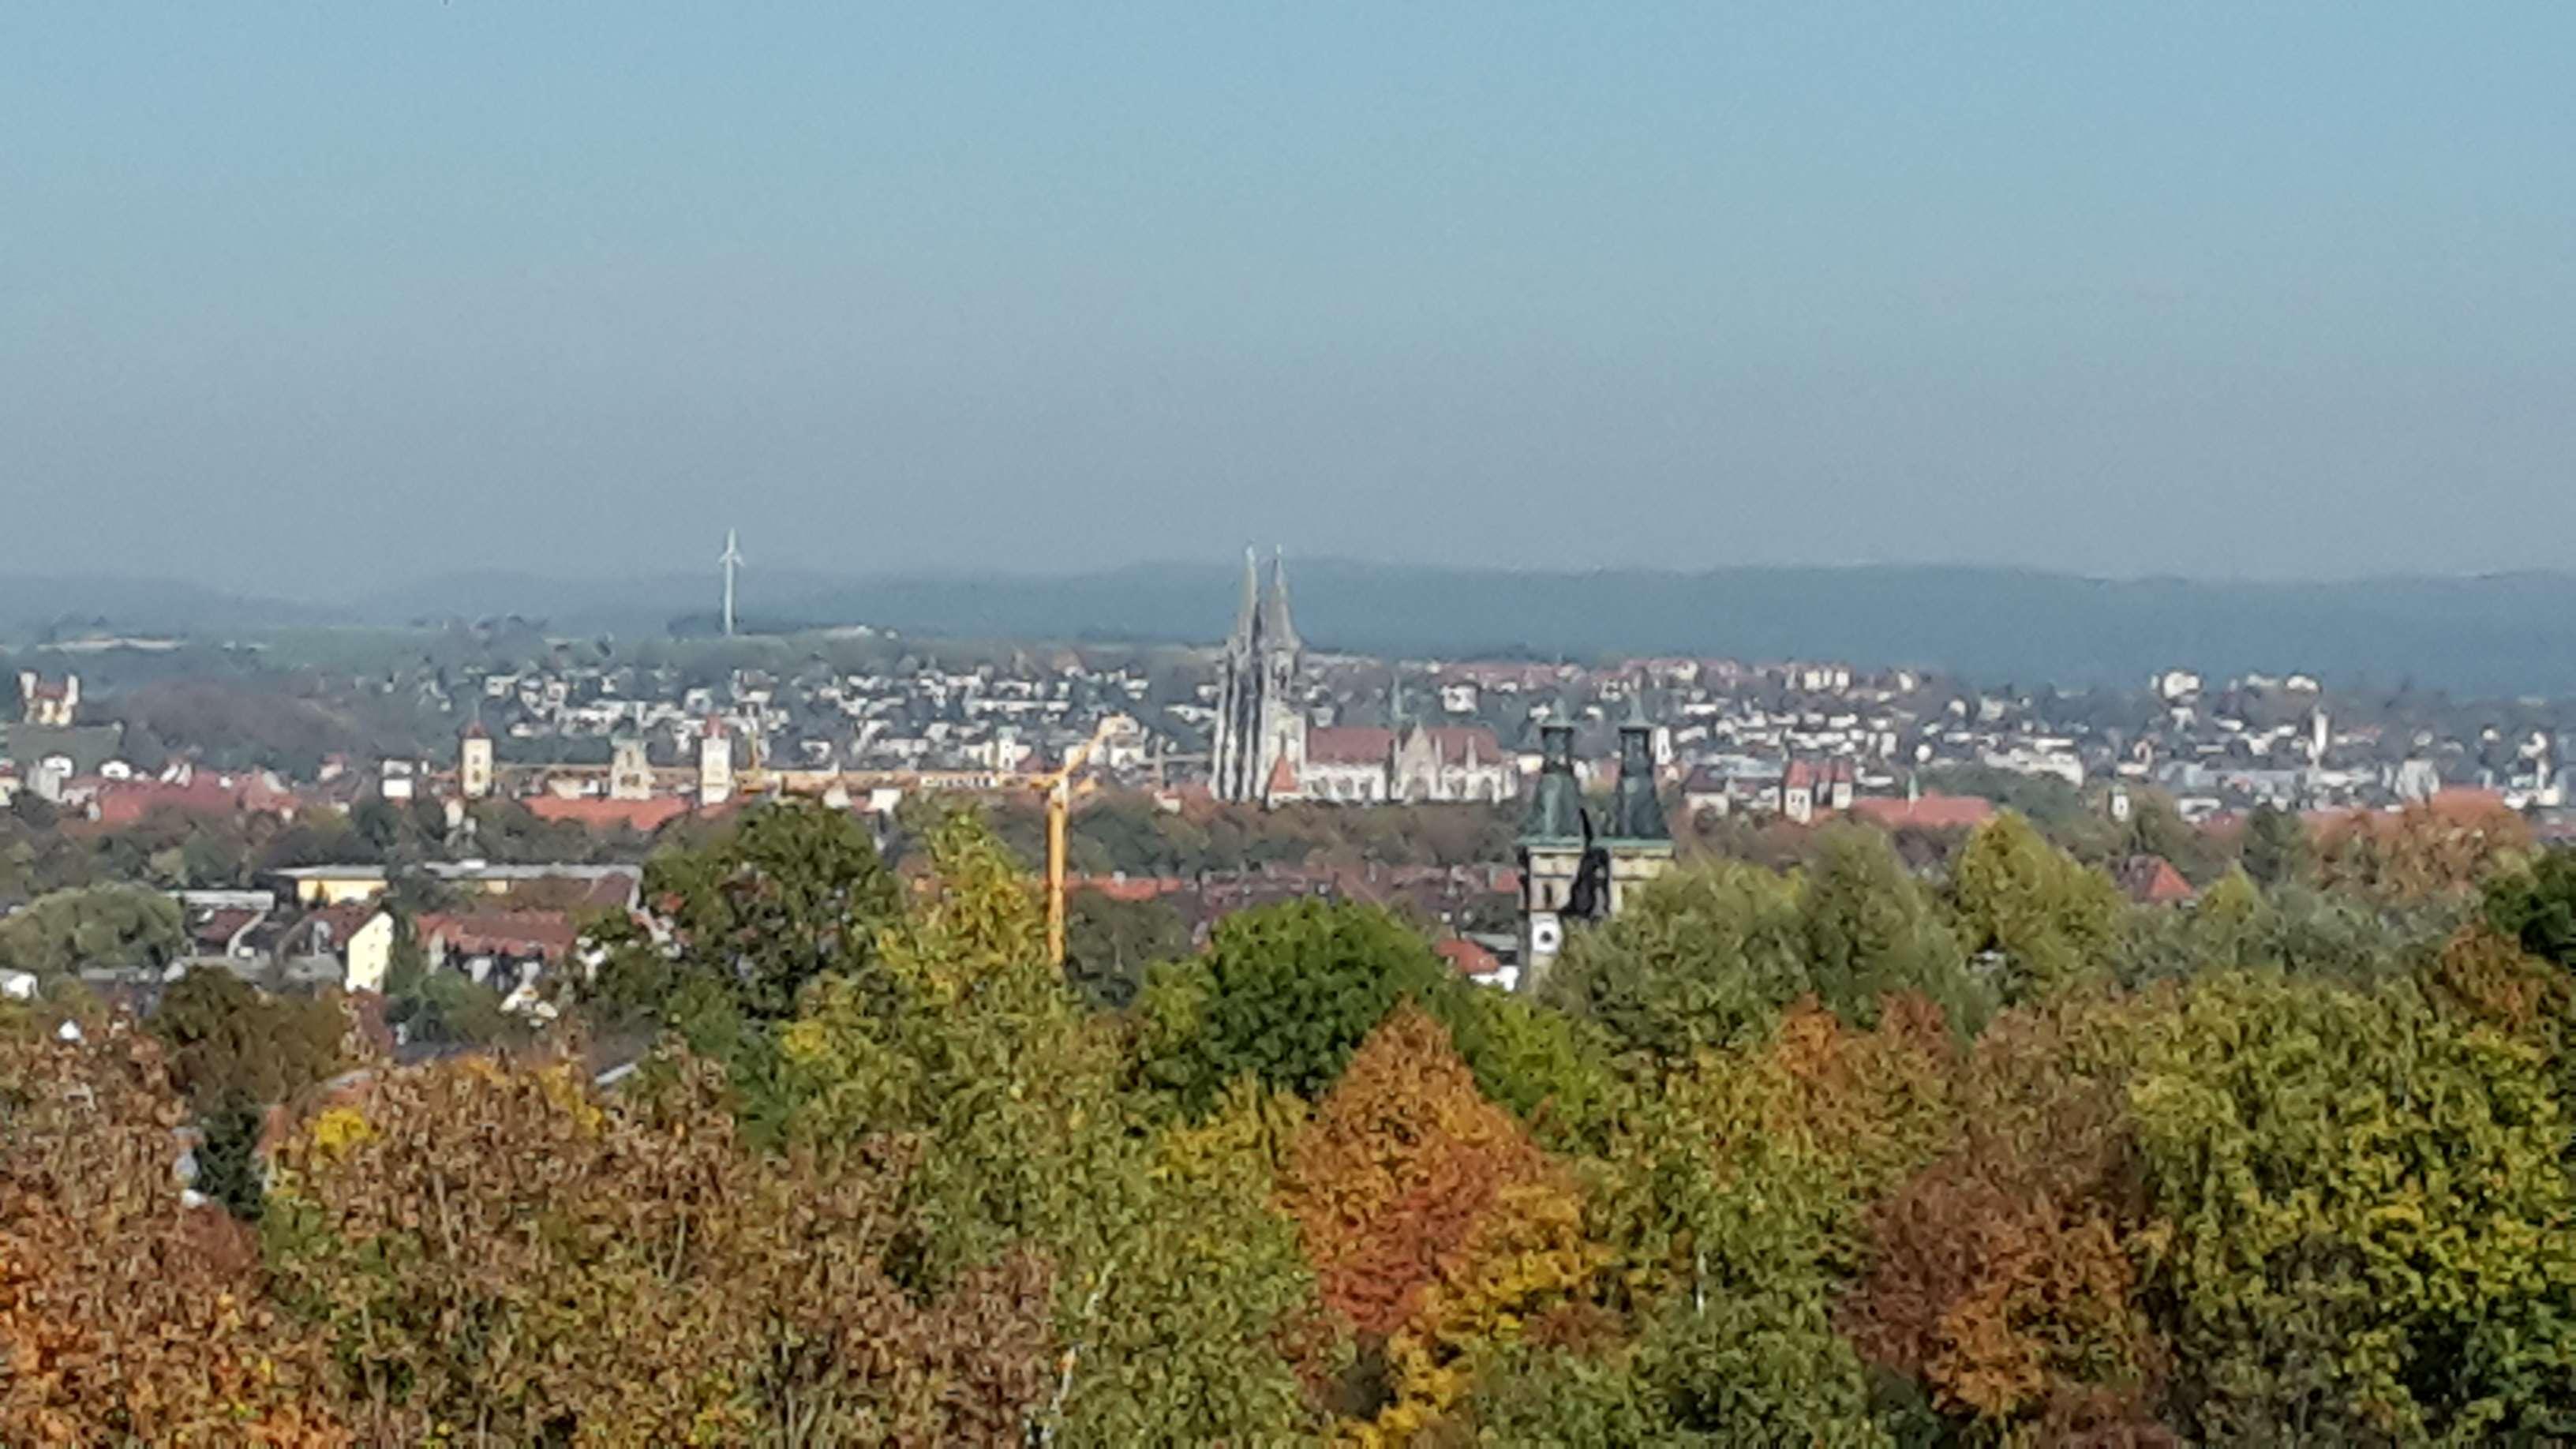 Schönes 1 Zimmer Appartement mit EBK und Balkon in Uninähe! in Kumpfmühl-Ziegetsdorf-Neuprüll (Regensburg)